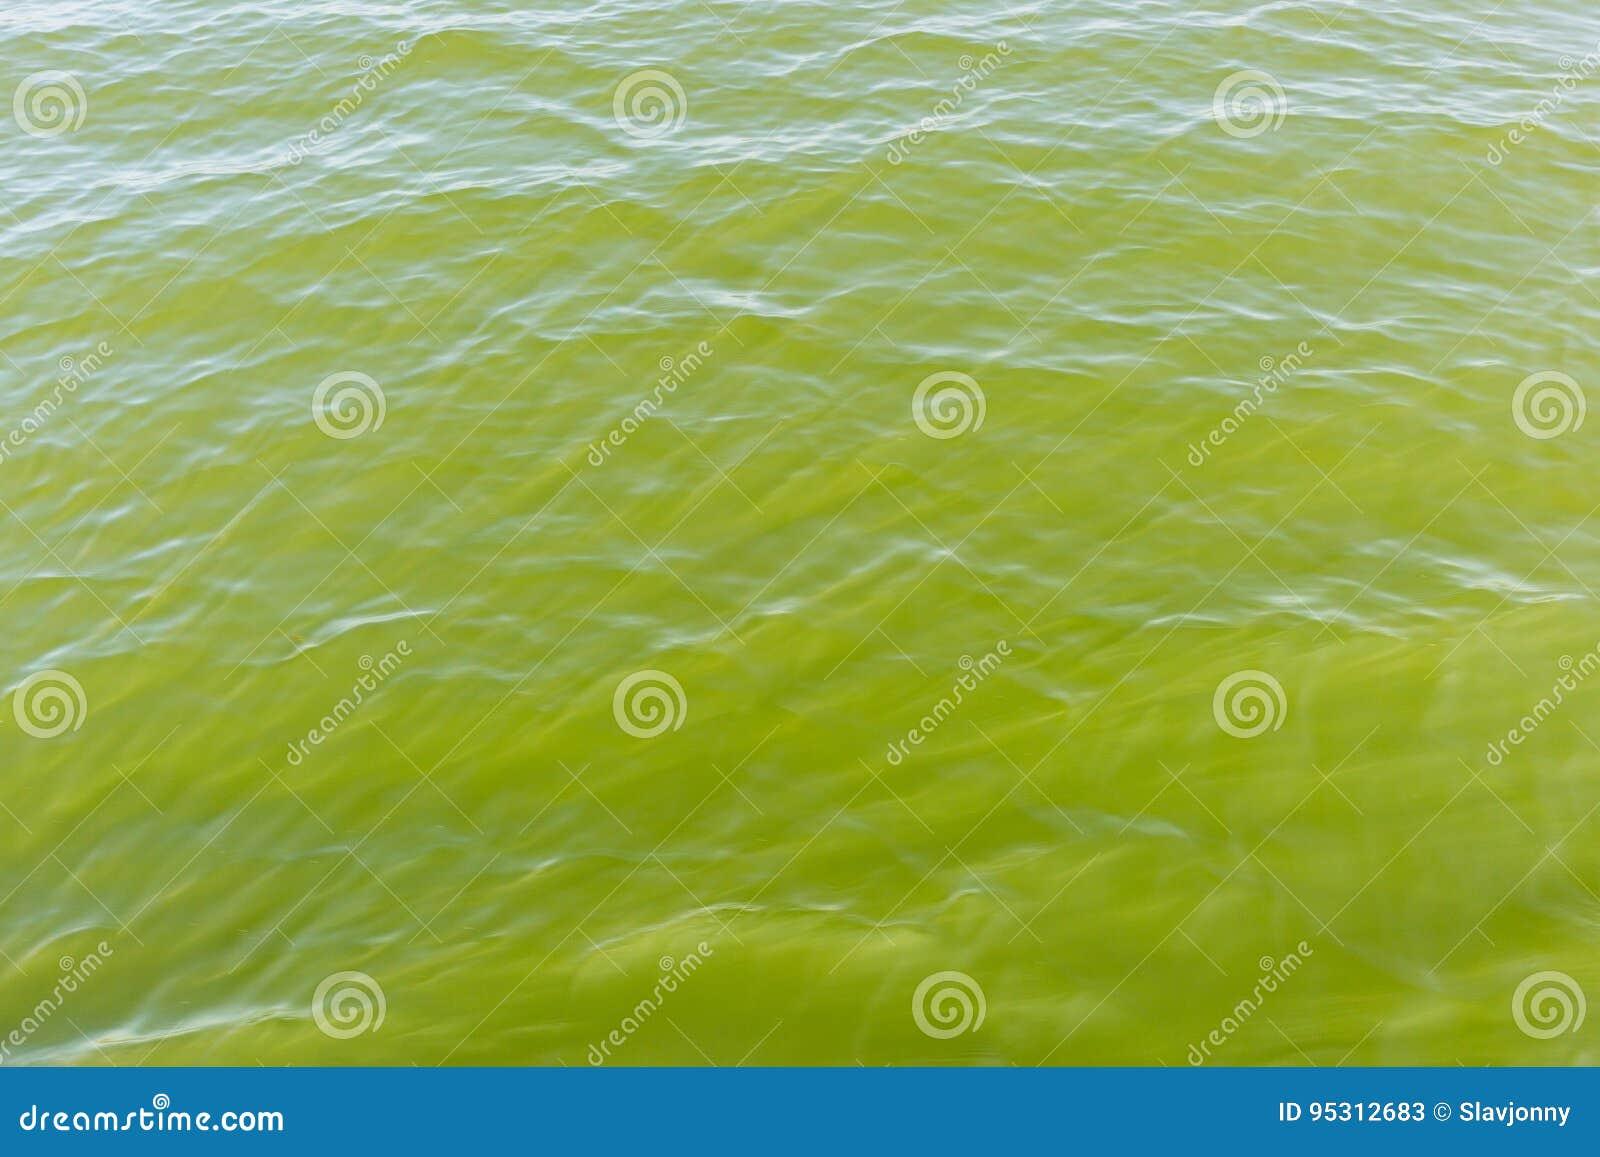 Agua Verde De La Piscina Con Reflexiones Del Sol Imagen De Archivo